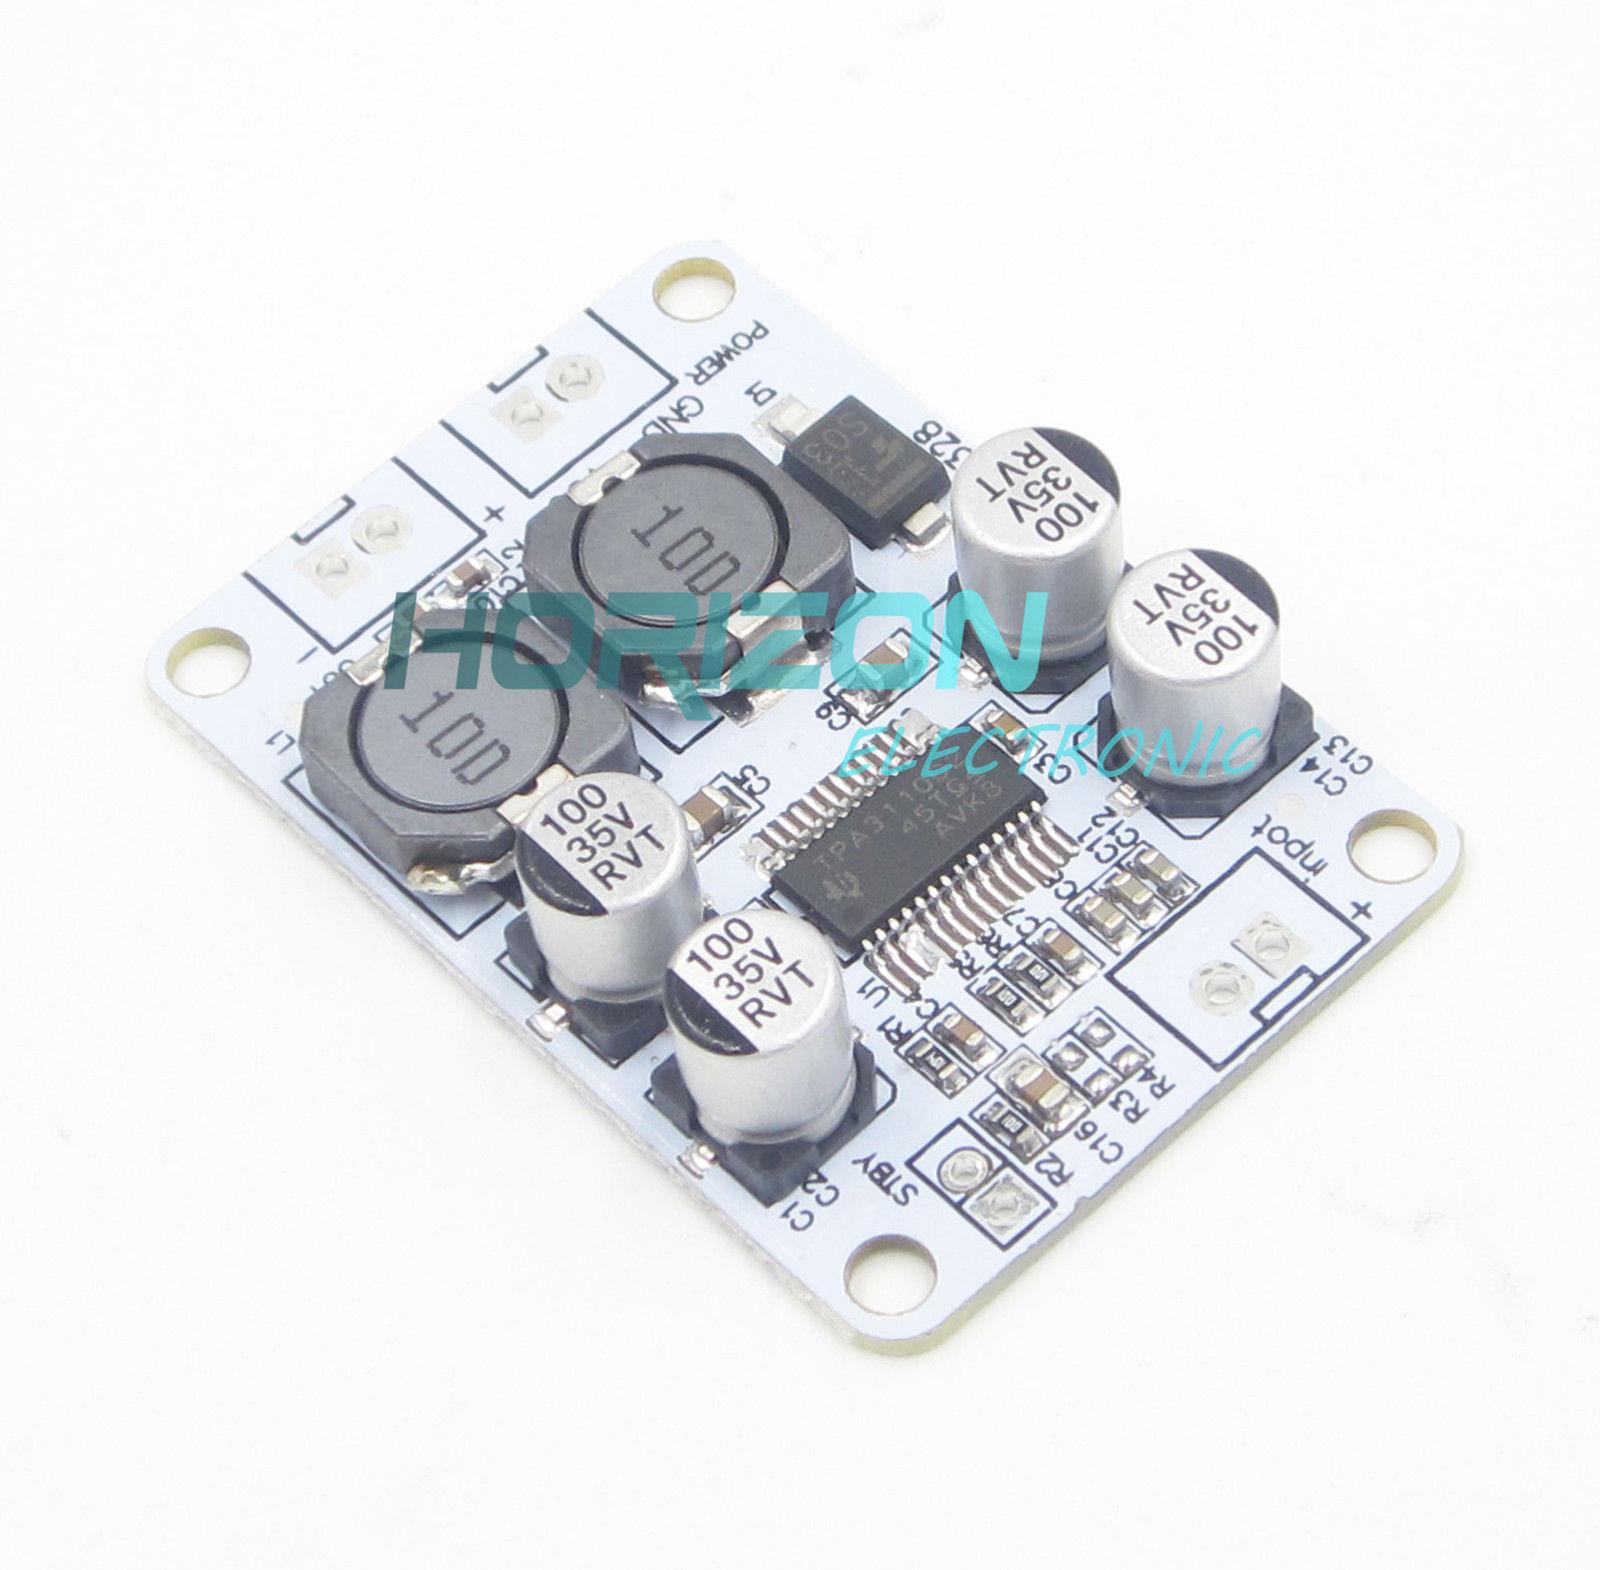 $1 89 - Tpa3110 Pbtl 30W Digital Mono Amplifier Module Board Power